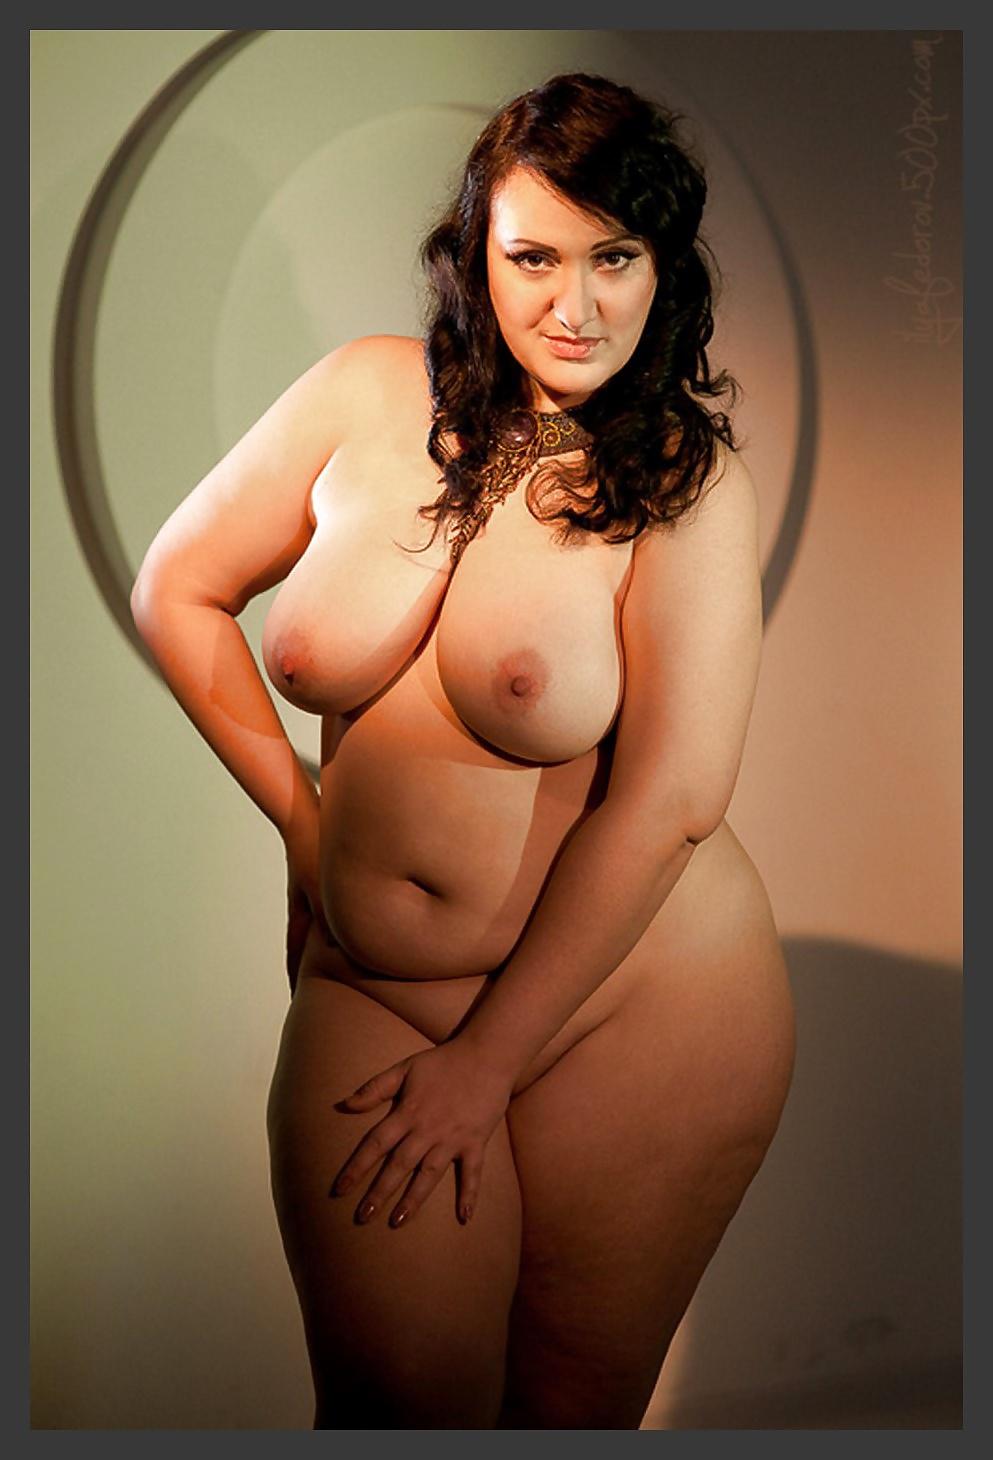 Bbw nude models standing